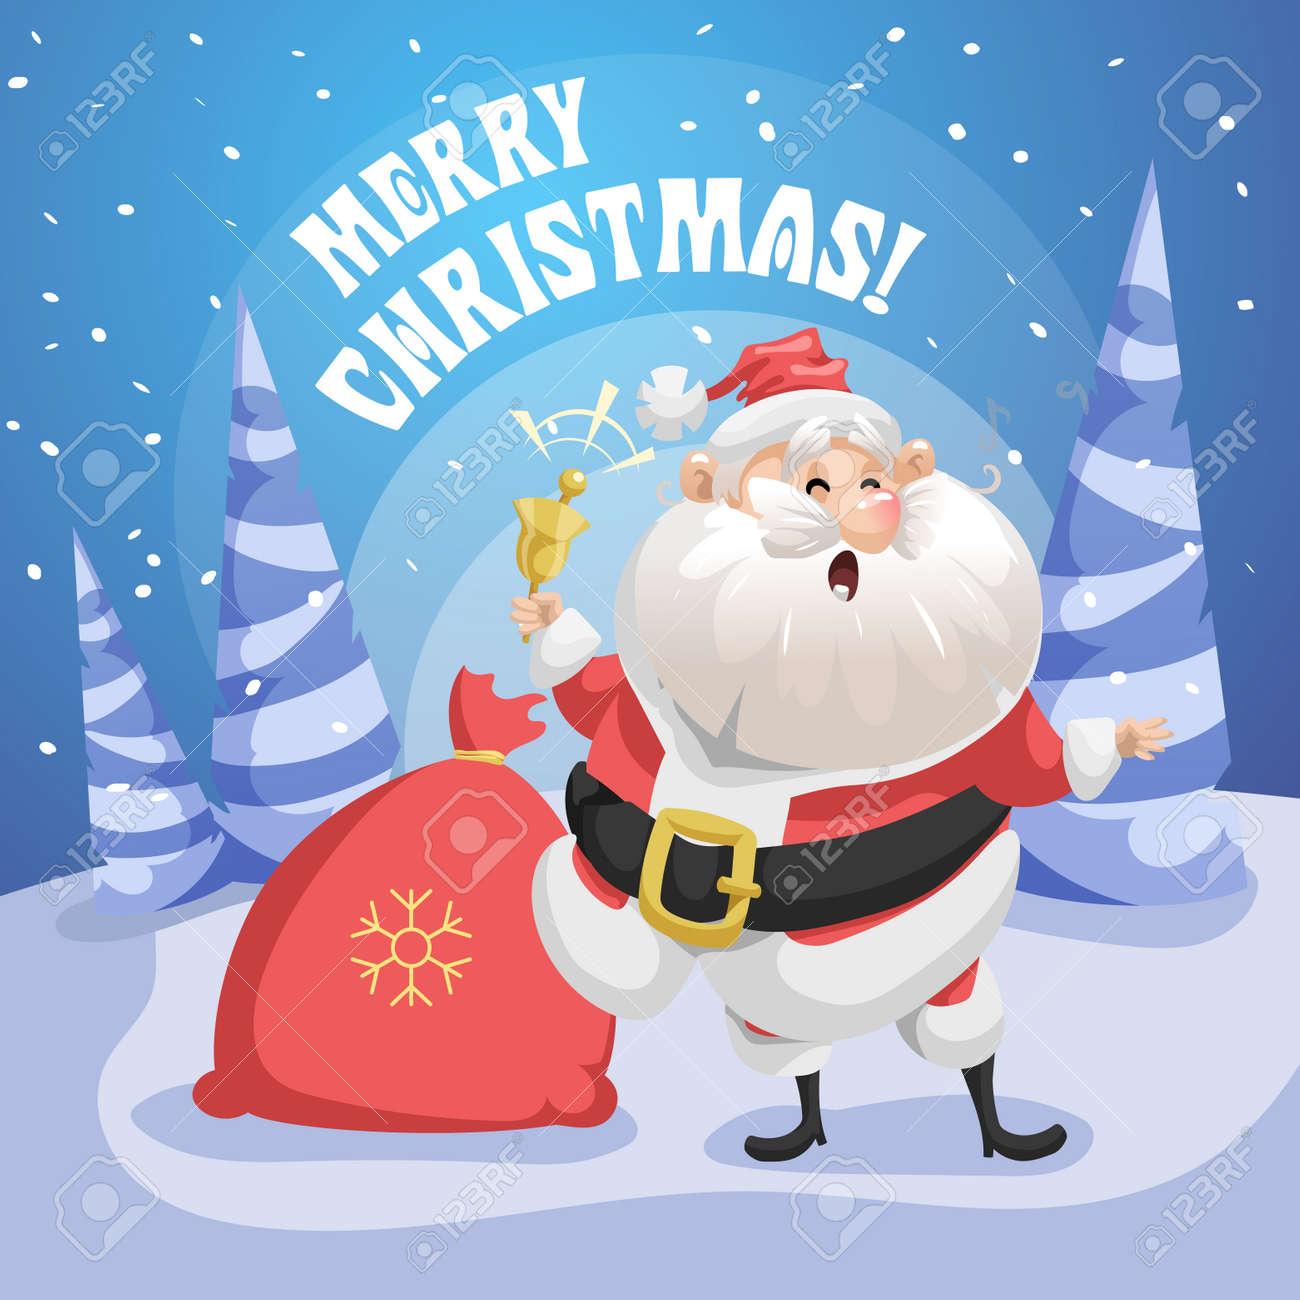 Chanson Un Joyeux Noel.Bonne Chanson Chantant Pere Noel Dans La Foret Avec Sac Cadeau Et Sonnerie Affiche De Joyeux Noel Illustration De Gradient Simple De Vacances